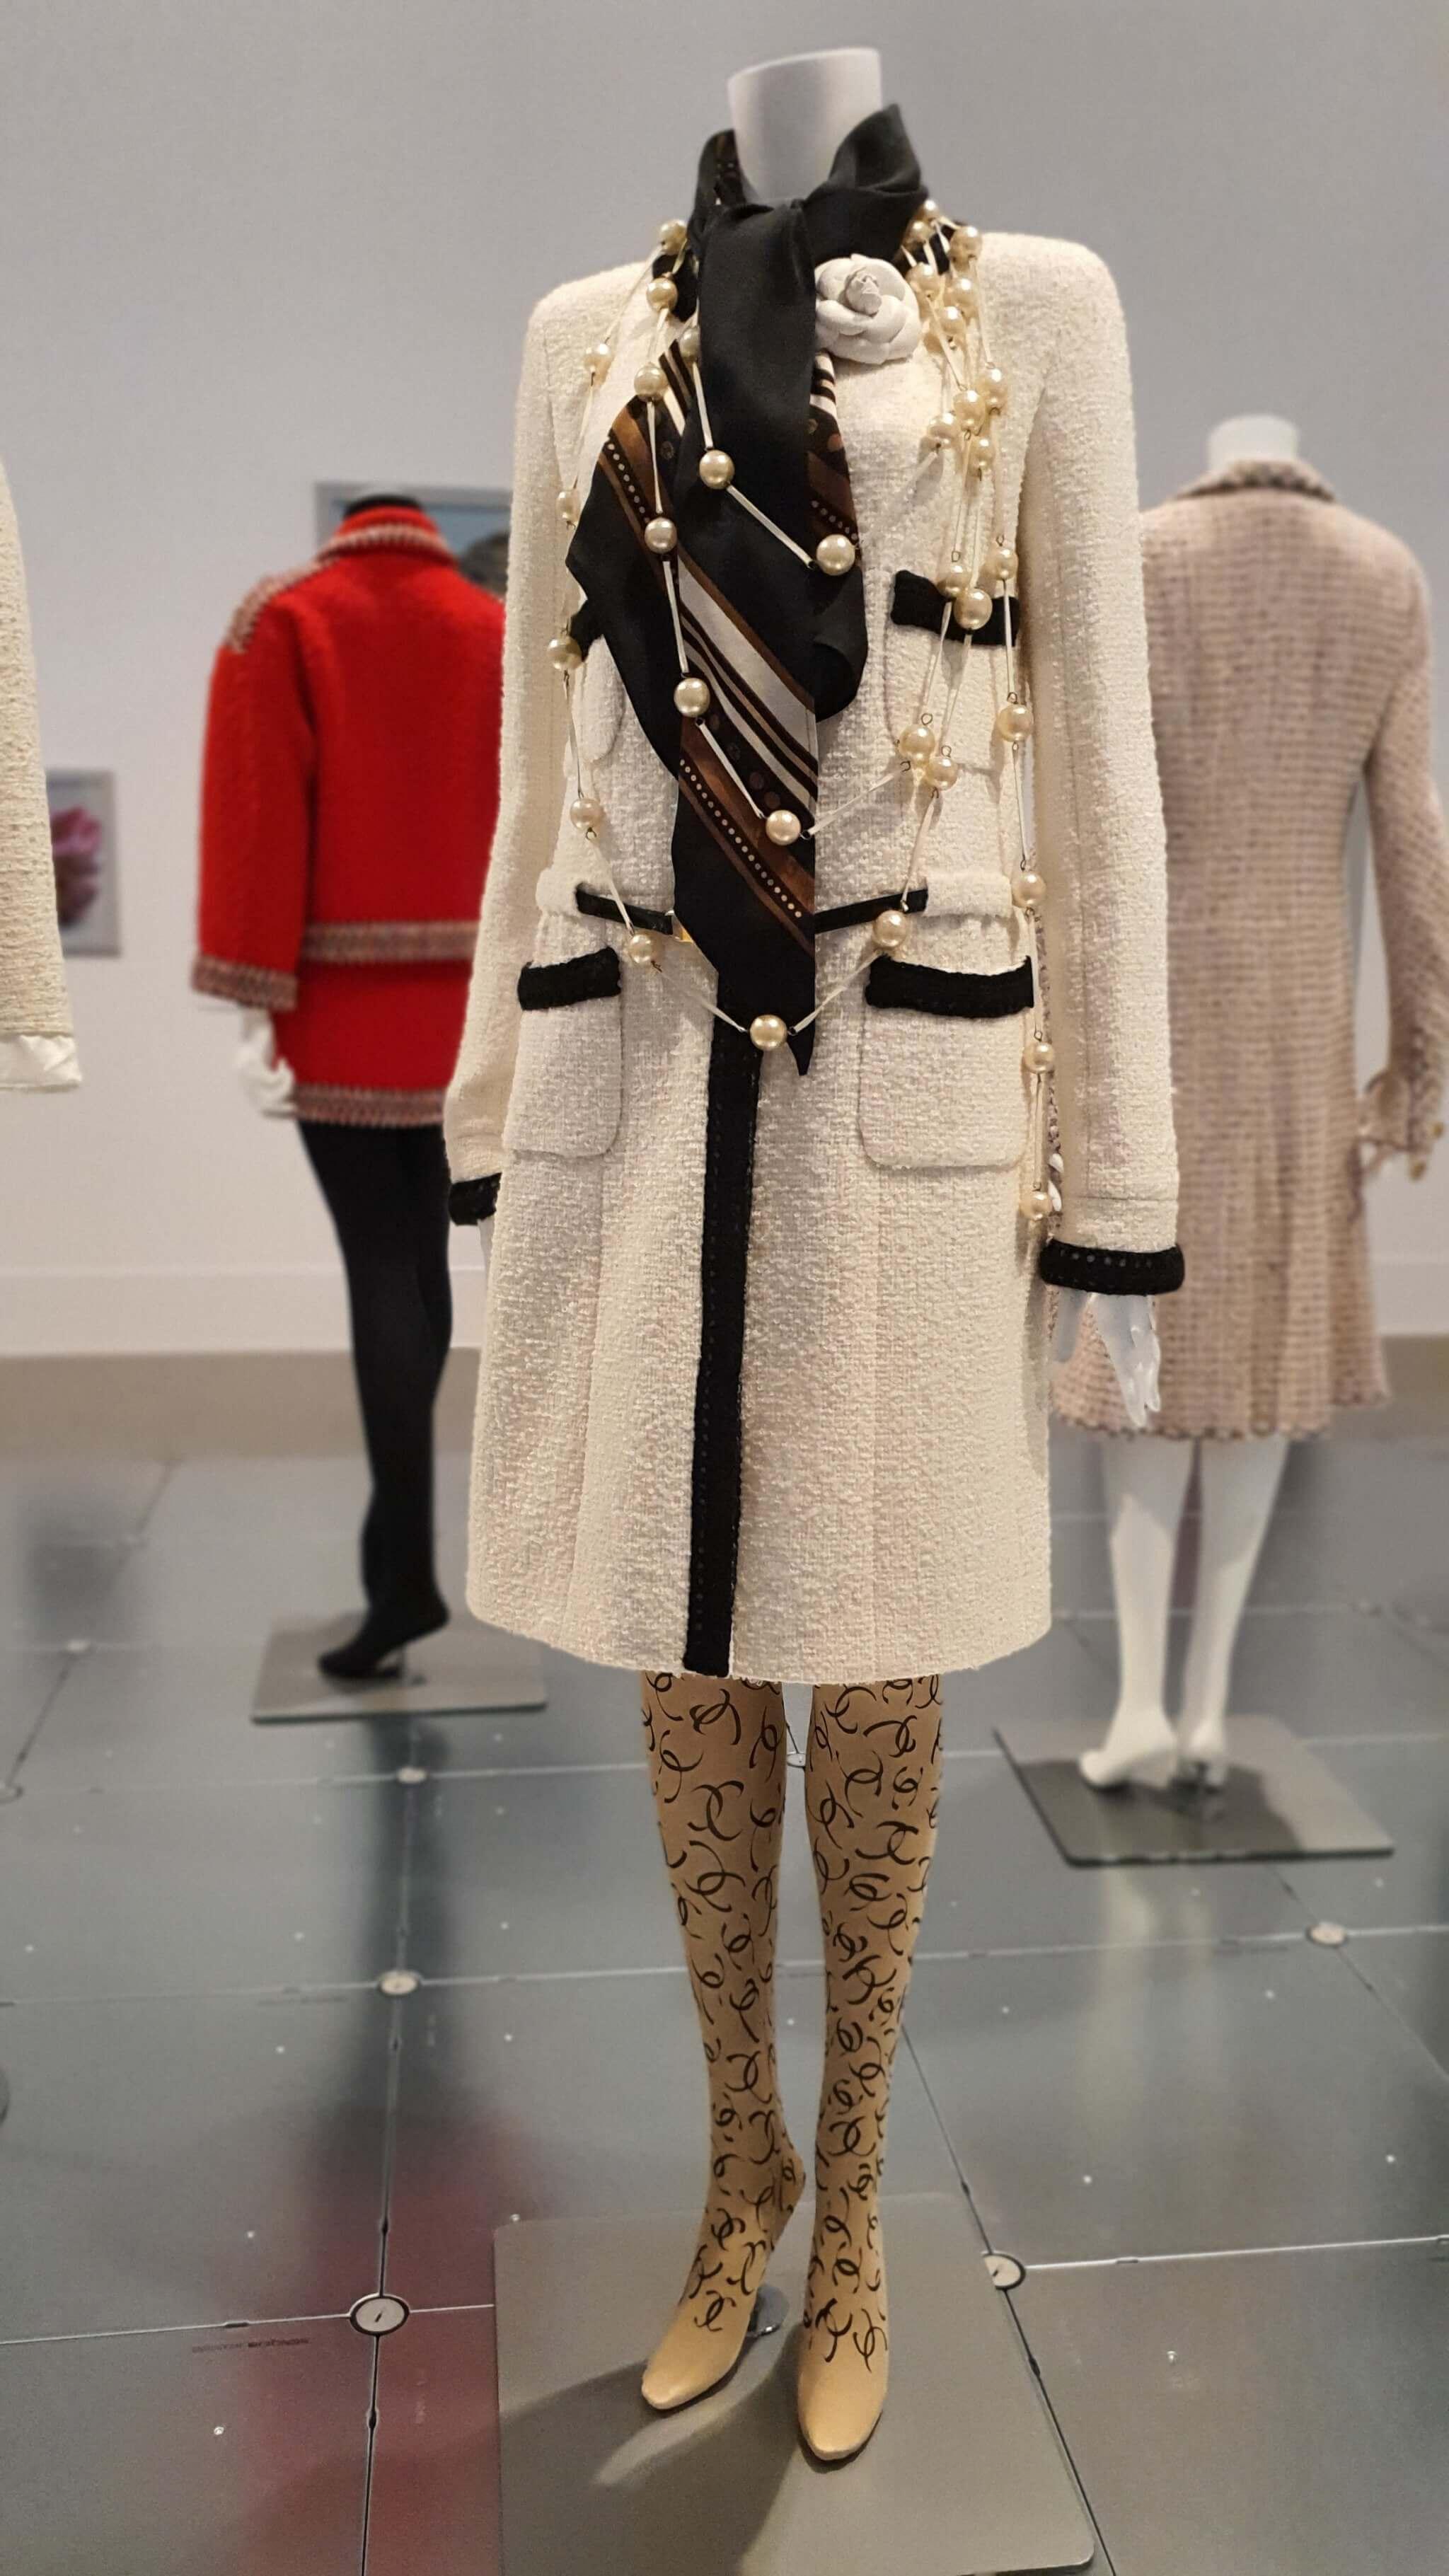 Chanelkostüm in der Dress Code - Ausstellung Bundeskunsthalle Bonn 2021